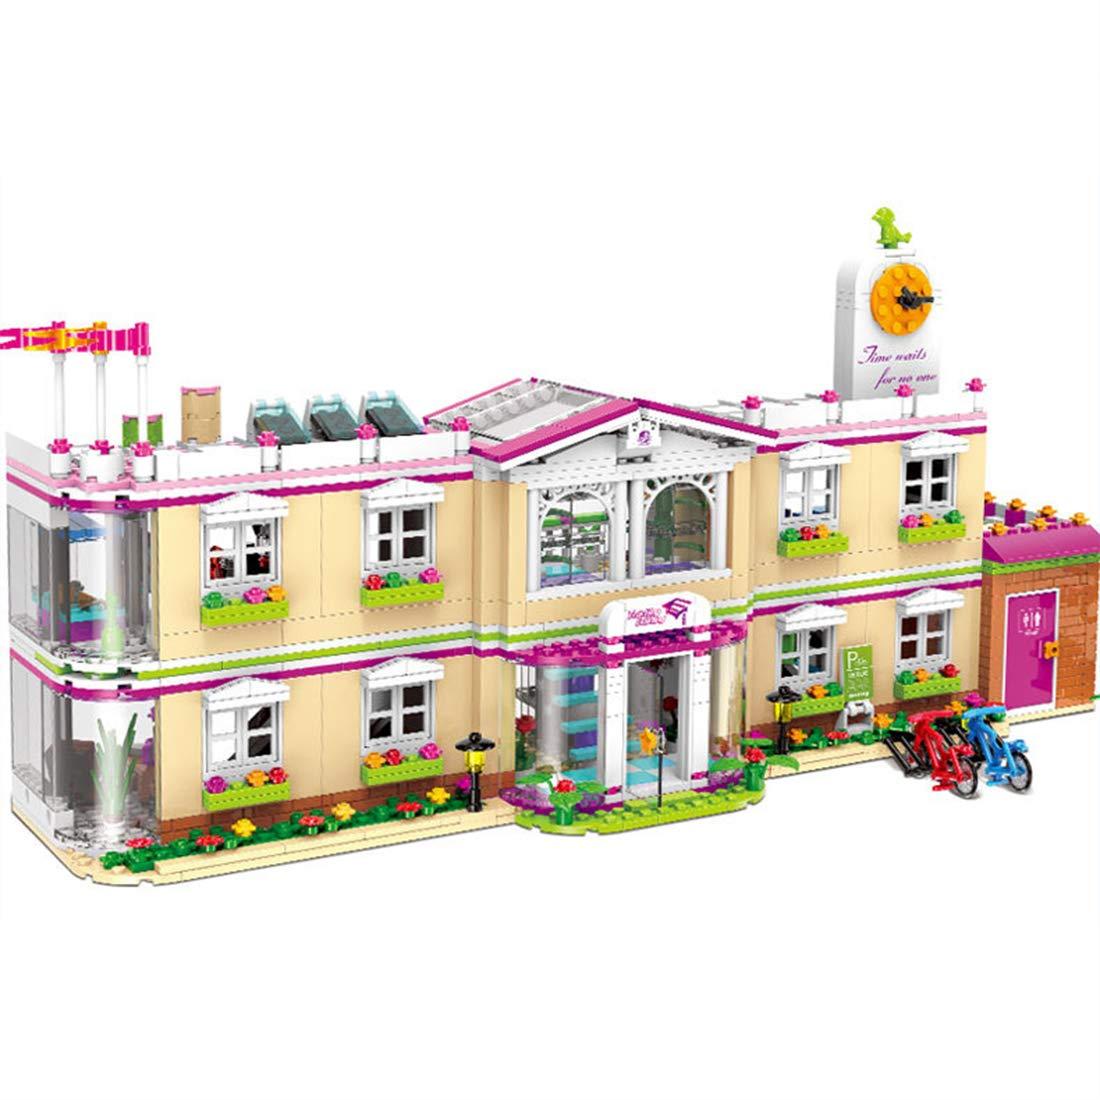 新しく着き DIY組立ビルディングブロックパズルビルディングキットアウトドアアクティビティセンター - 子供用おもちゃ - - B07KVCK899 - ハッピーティーチングビルディング B07KVCK899, 岡垣町:5a67fc20 --- a0267596.xsph.ru